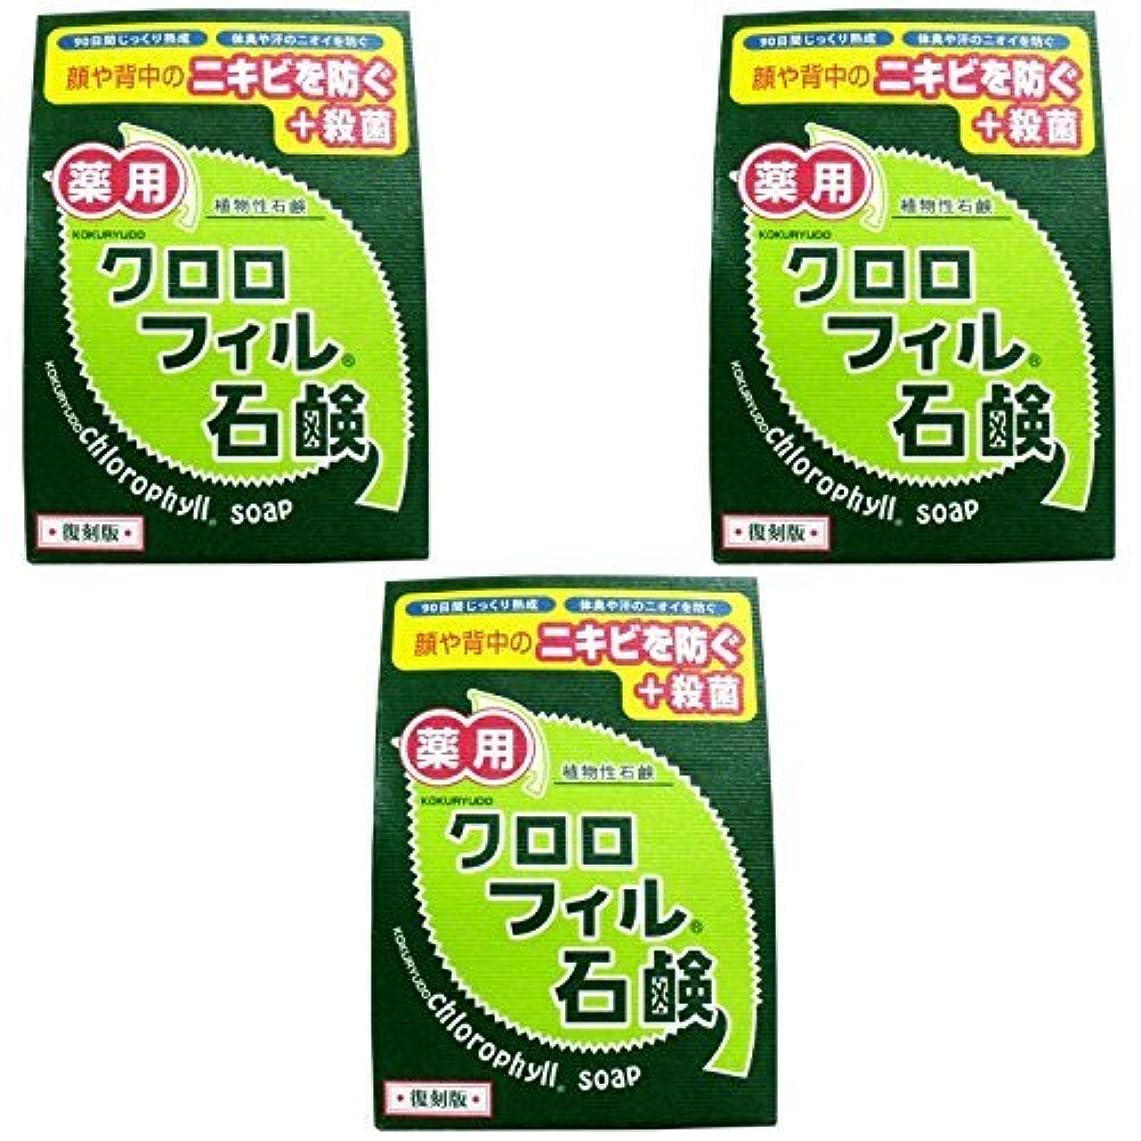 シャックル密輸関税【まとめ買い】クロロフィル石鹸 復刻版 85g (医薬部外品)【×3個】